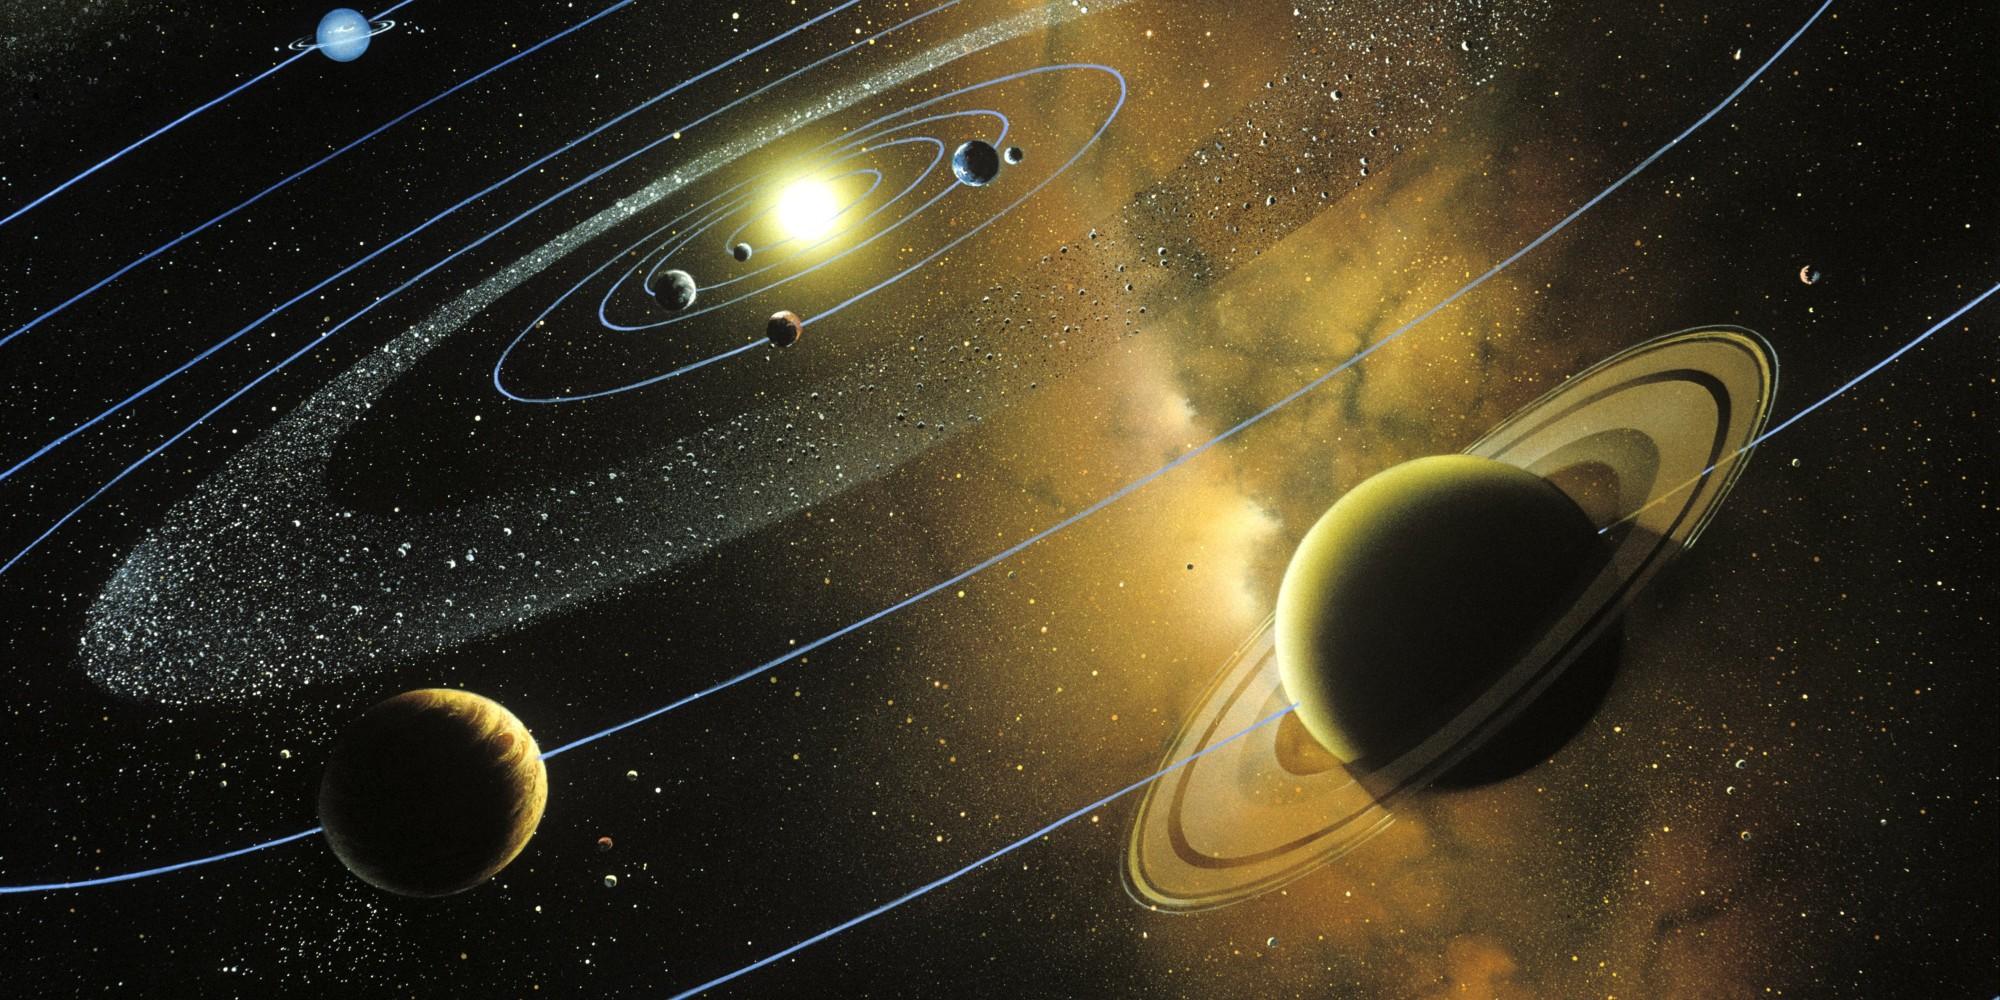 Ученые: За орбитой Нептуна обнаружен древний астероид-изгнанник